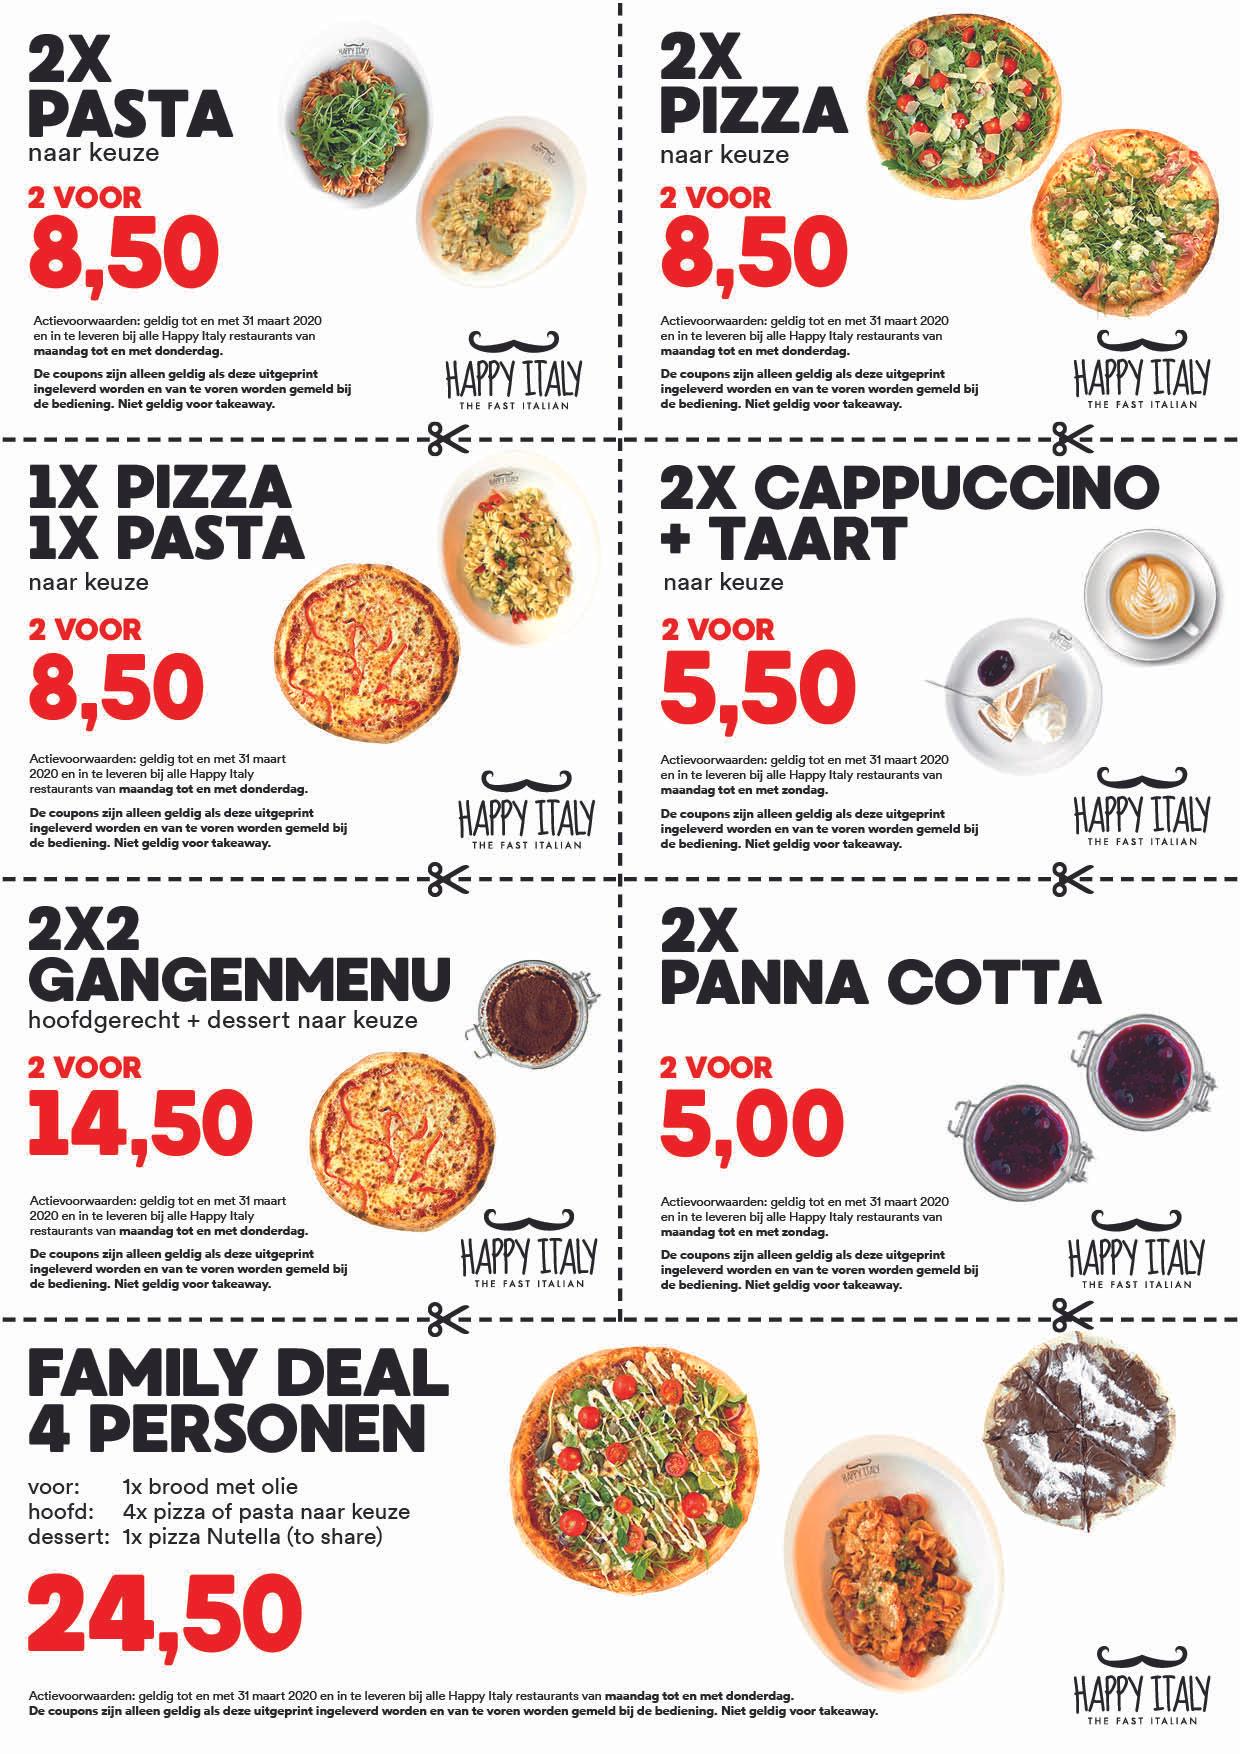 Tot 61% korting: Happy Italy, Happy deals, bv 2x Pizza's of 2x pastas voor €8.50